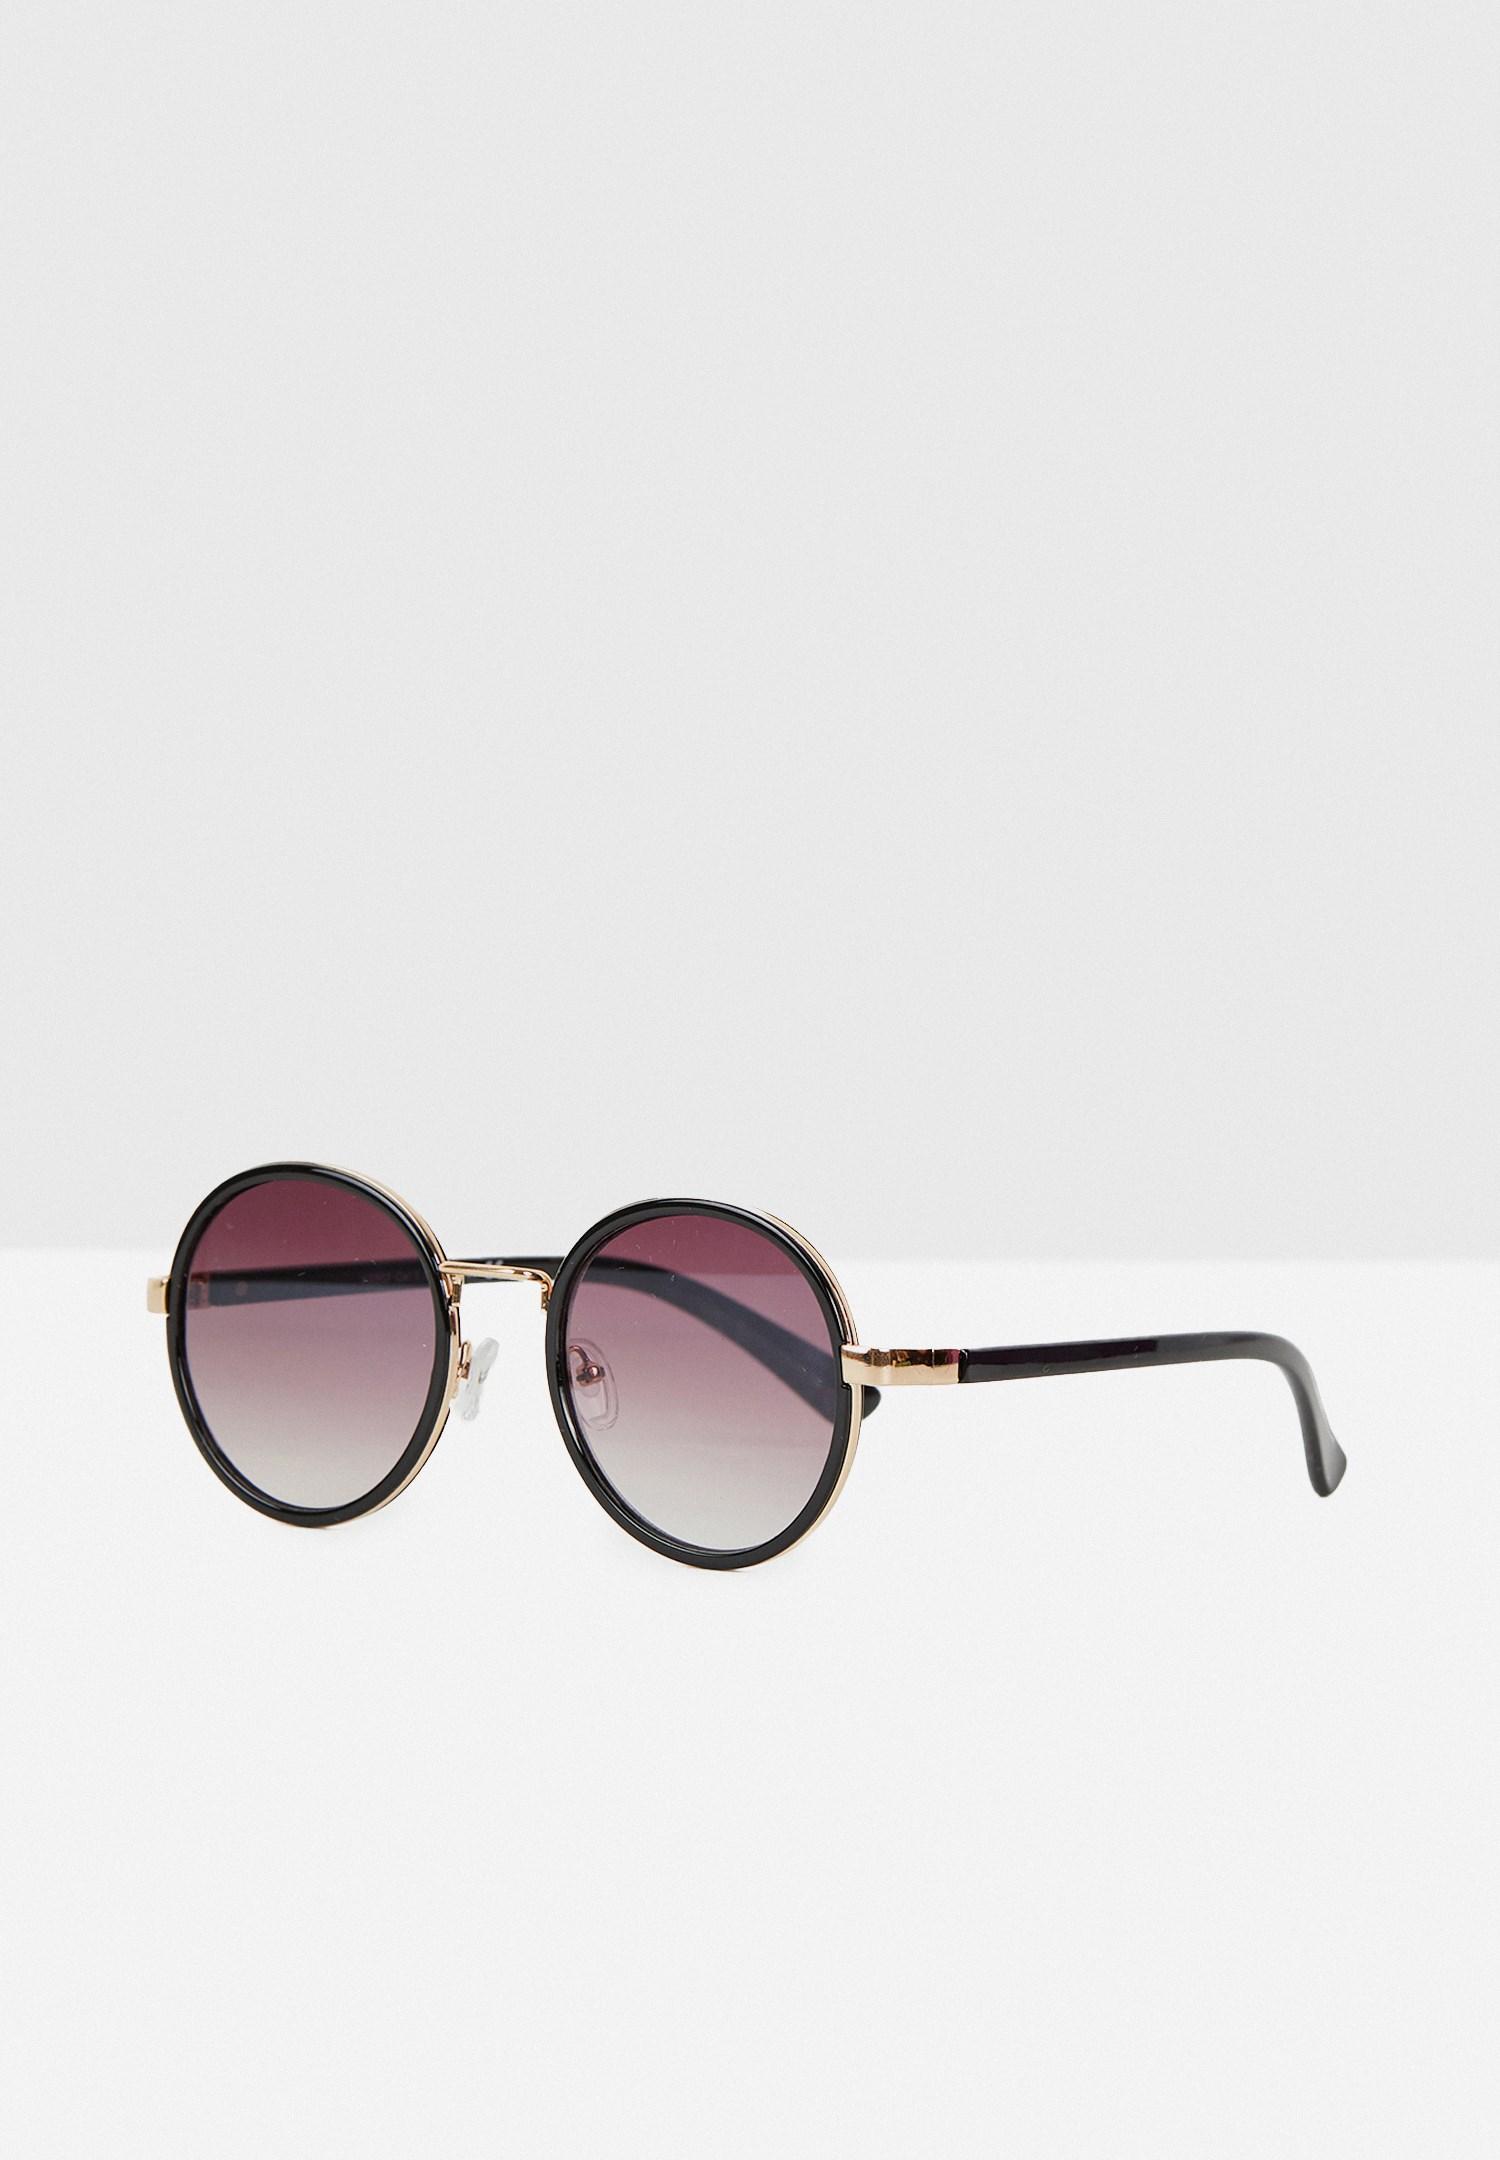 Bayan Siyah Yuvarlak Çerçeveli Gold Detaylı Gözlük